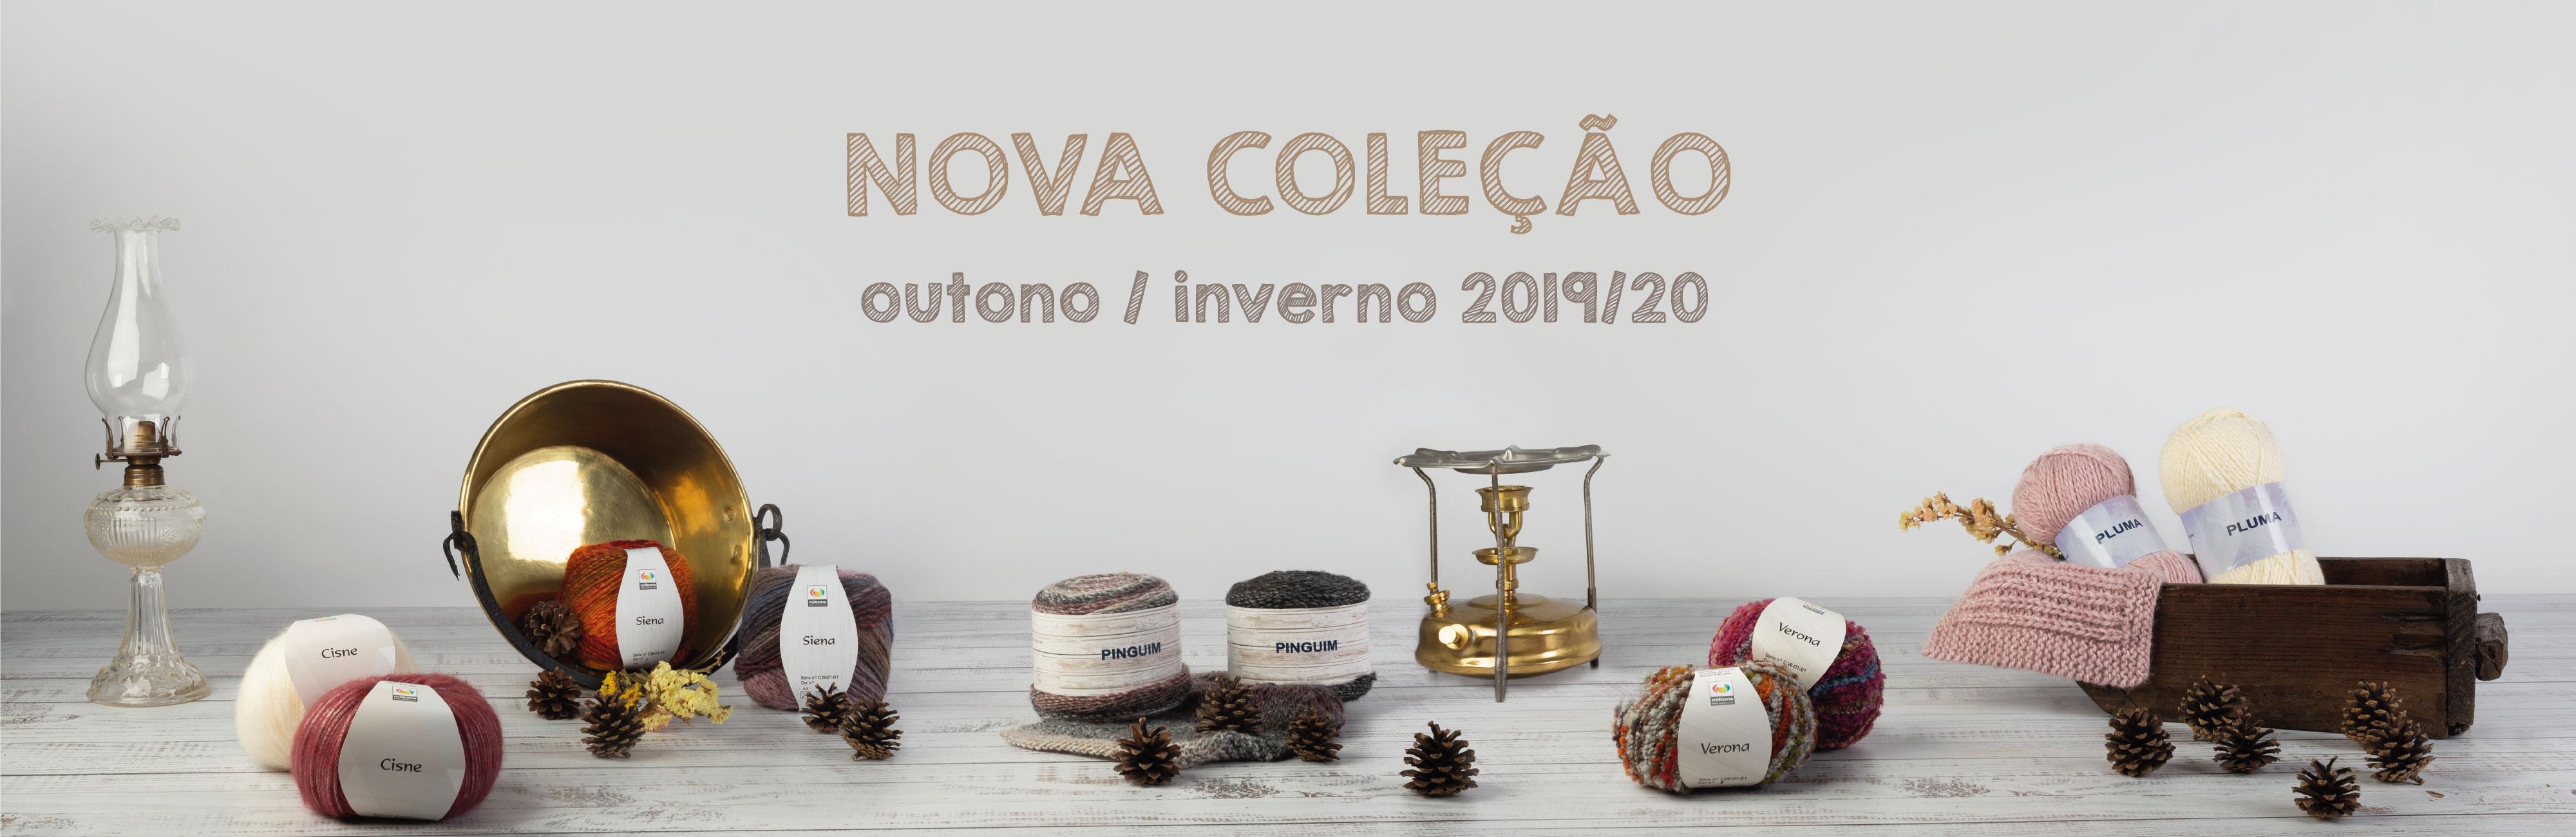 slide-nova-colecao-outono-inverno-2019-2020-novelos-bmg-4000